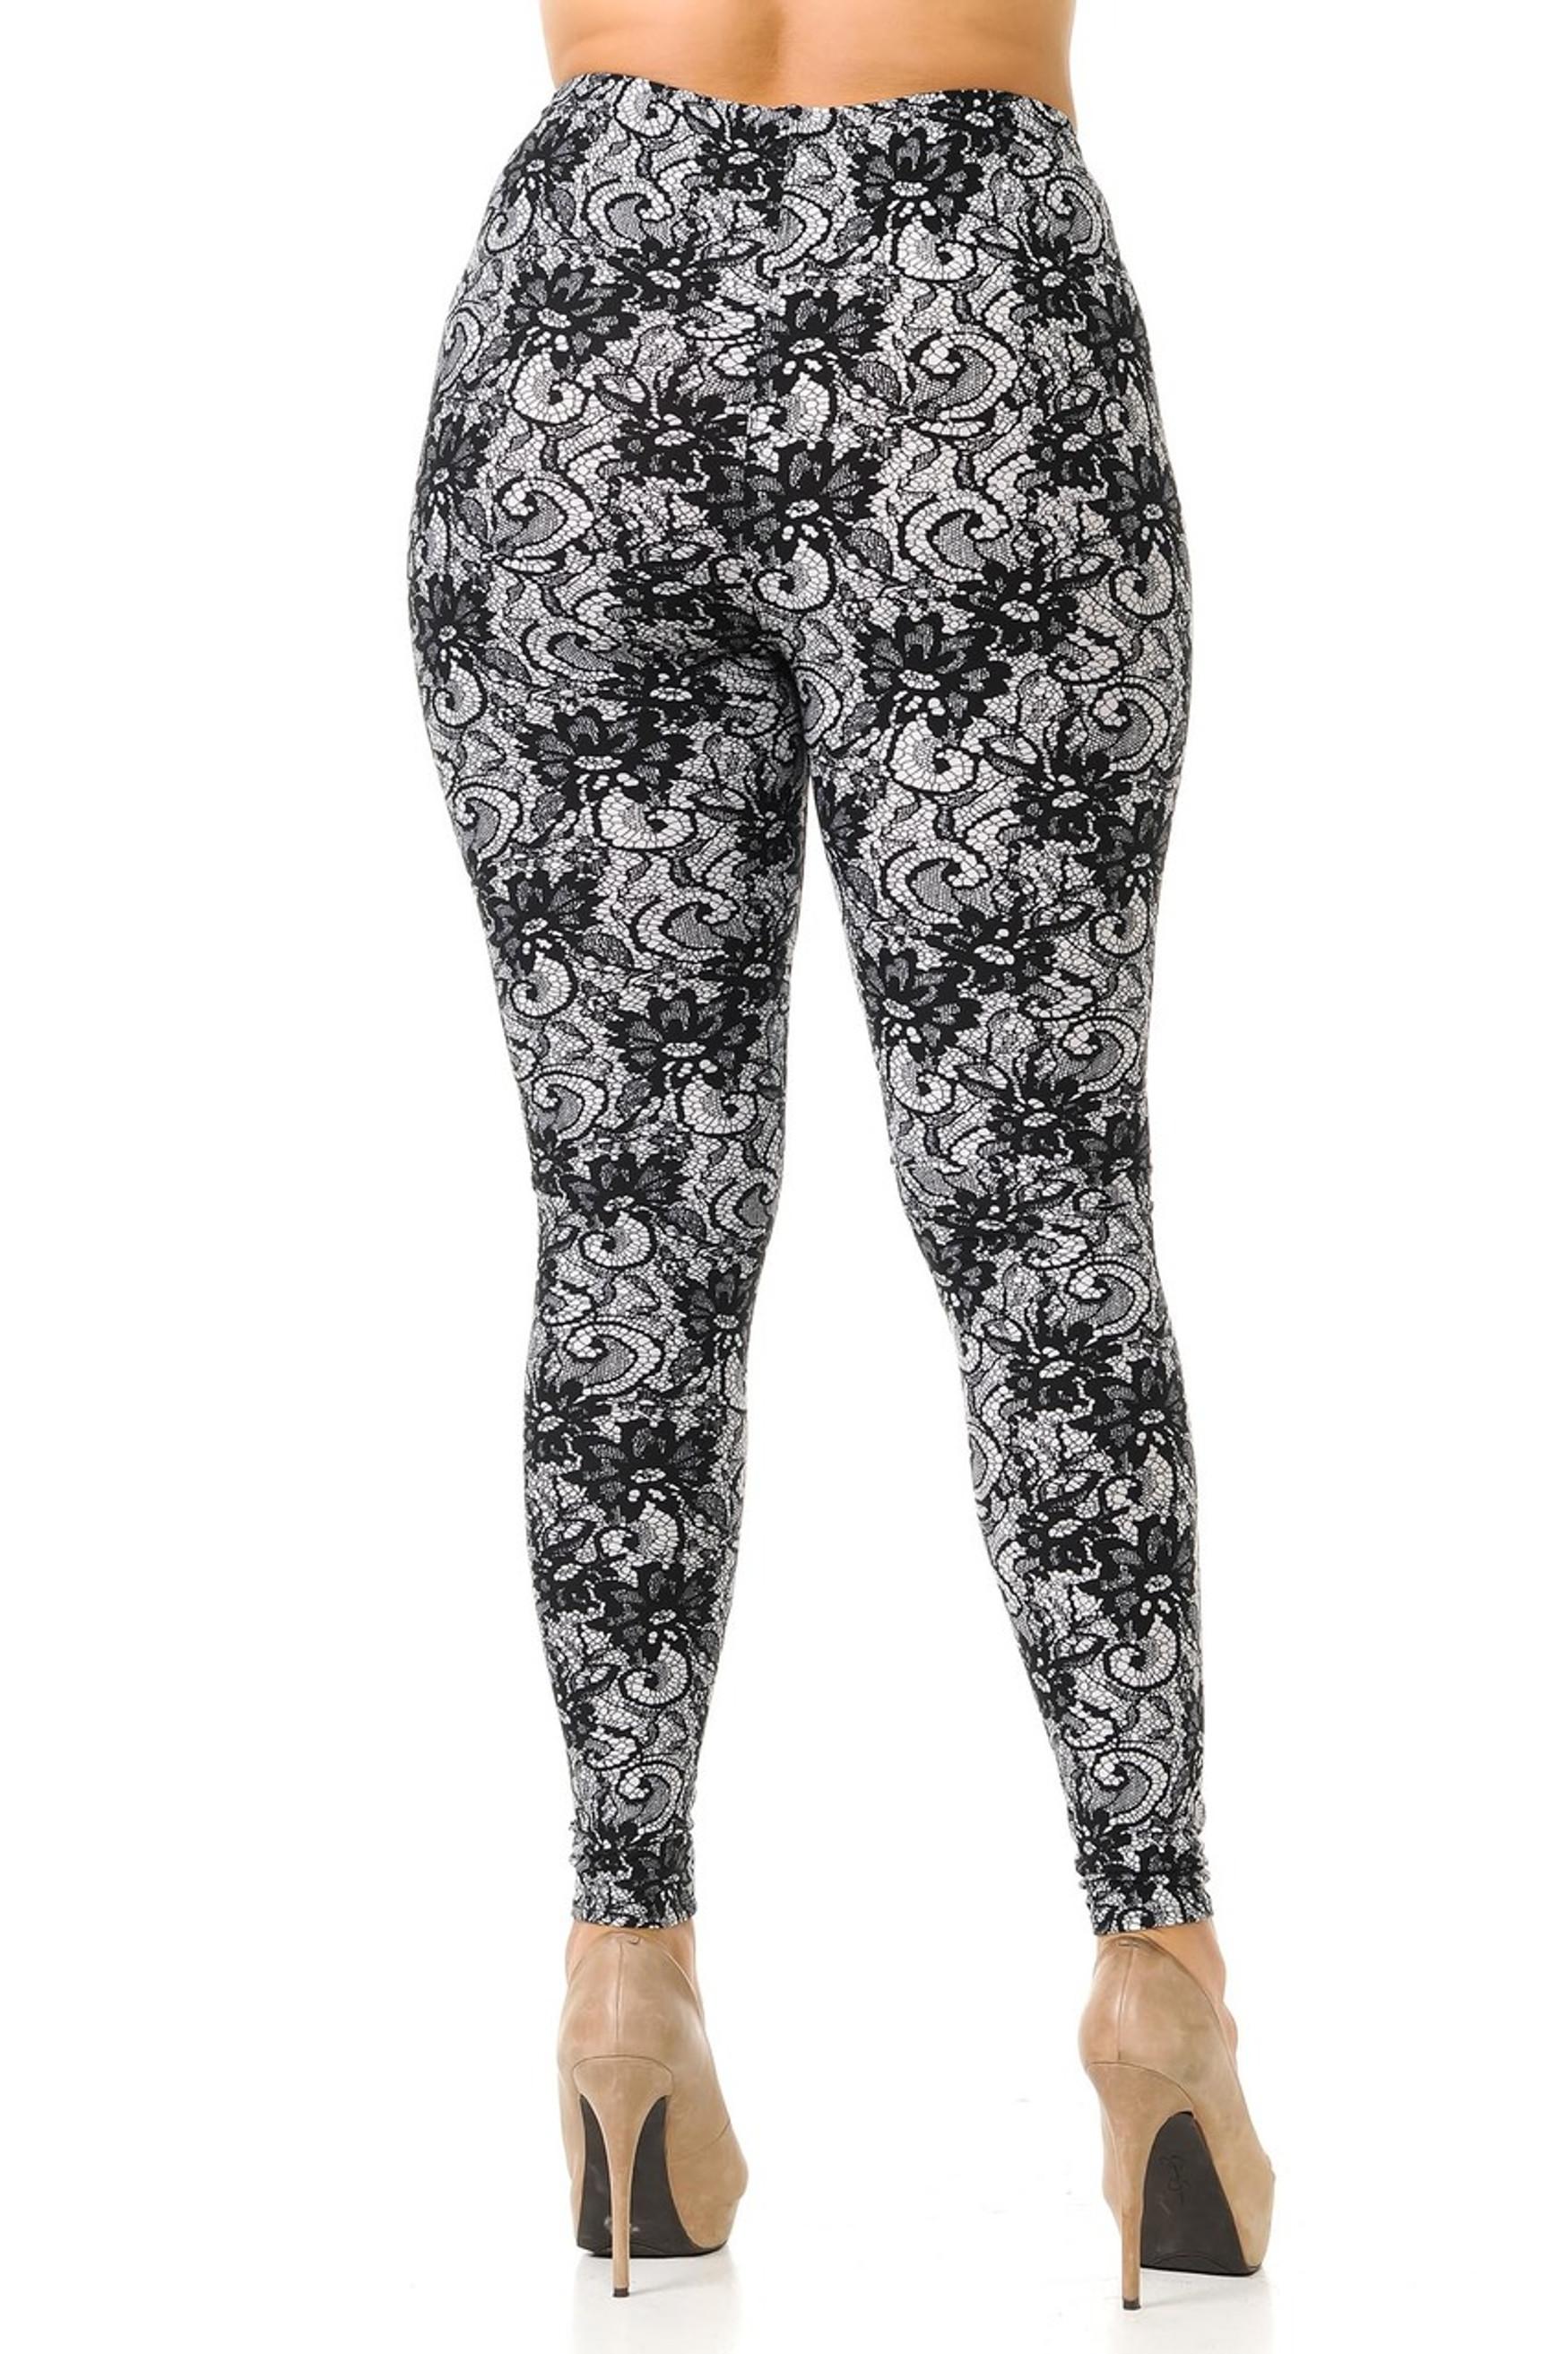 Brushed Sassy Lace Print Extra Plus Size Leggings - 3X-5X